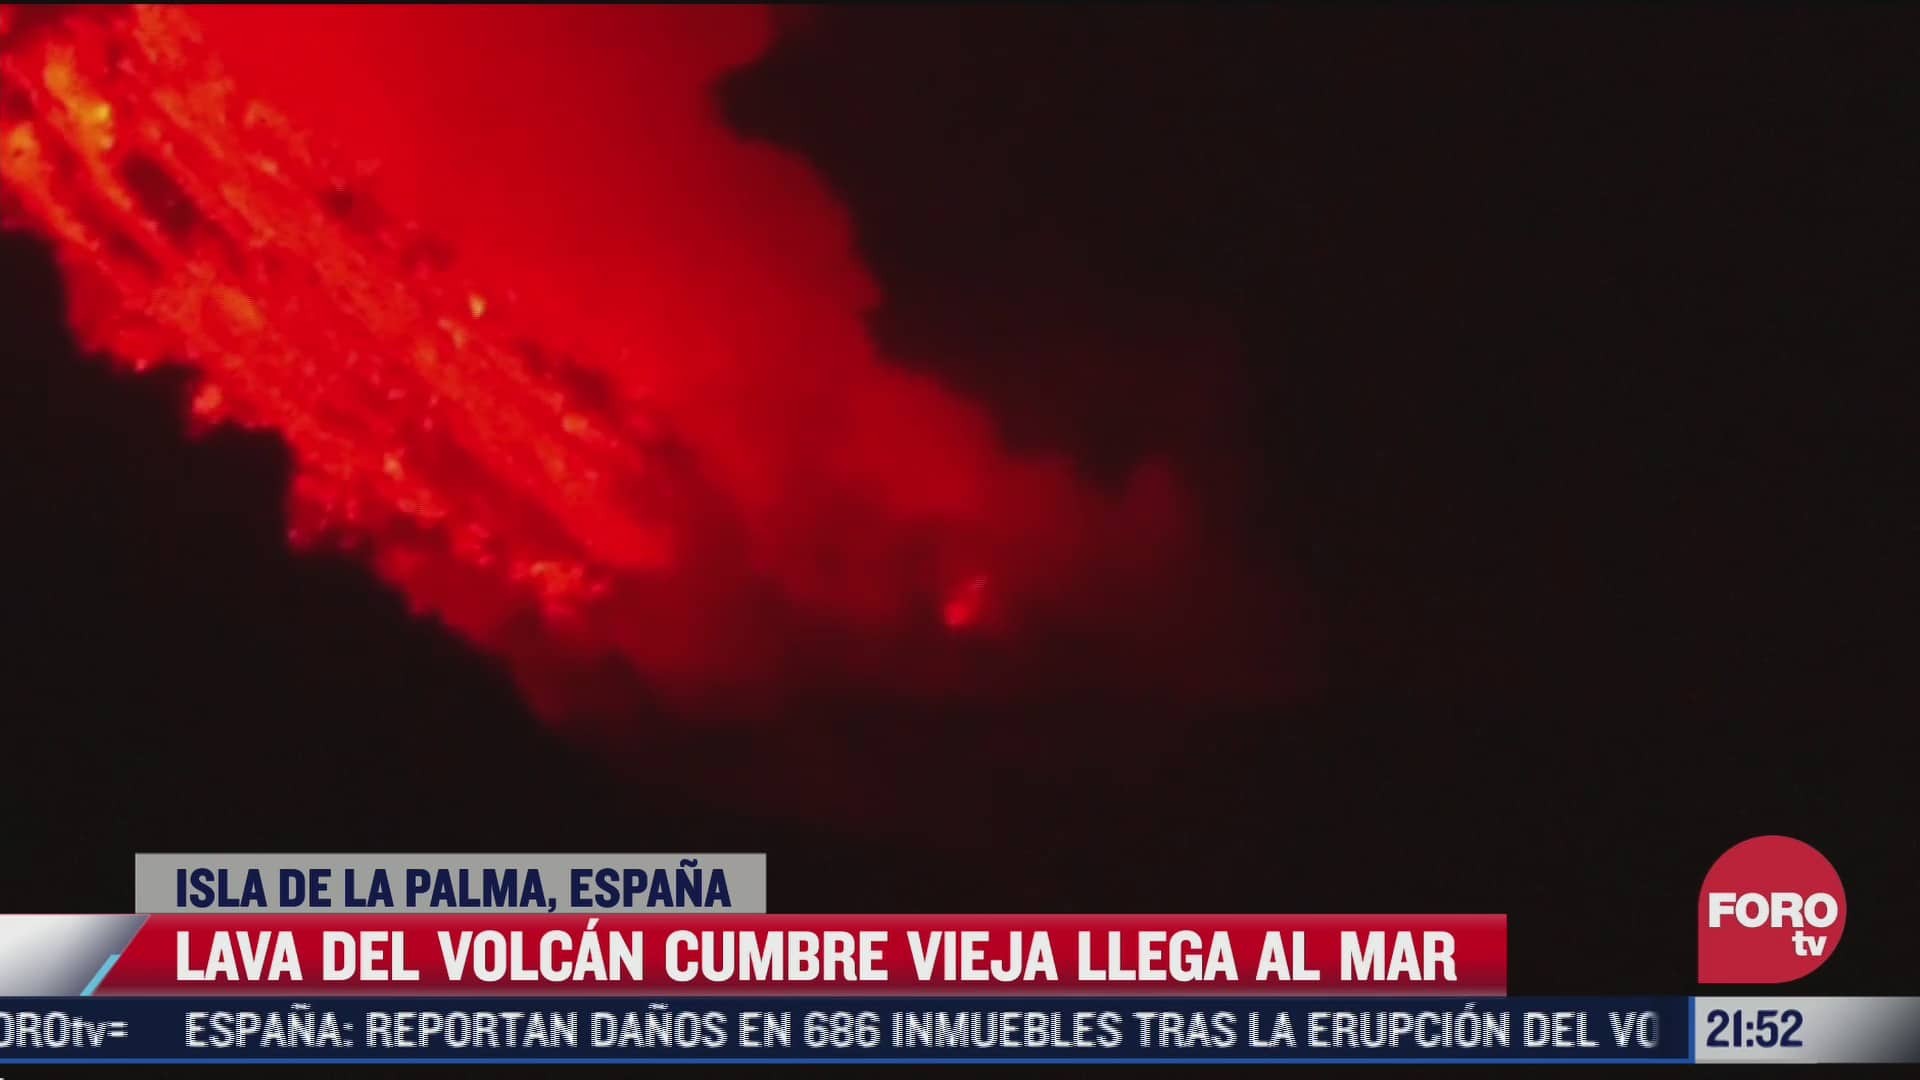 video lava del volcan cumbre vieja llega al mar en la isla de la palma